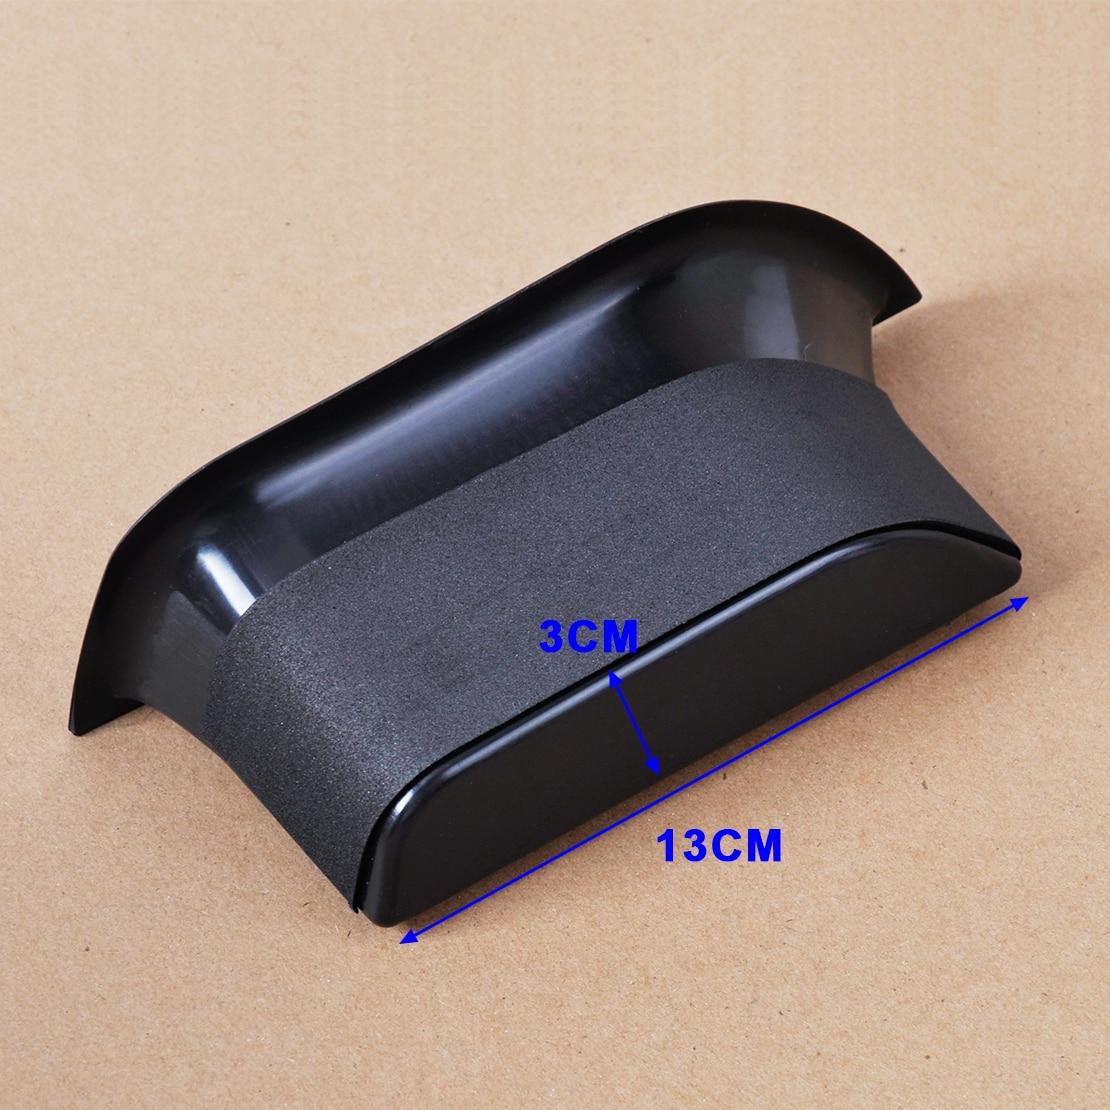 CITALL 4 шт. Новинка черная передняя+ задняя дверь подлокотник коробка для хранения Контейнер держатель для Mercedes Benz W212 E класс 2010 2011 2012